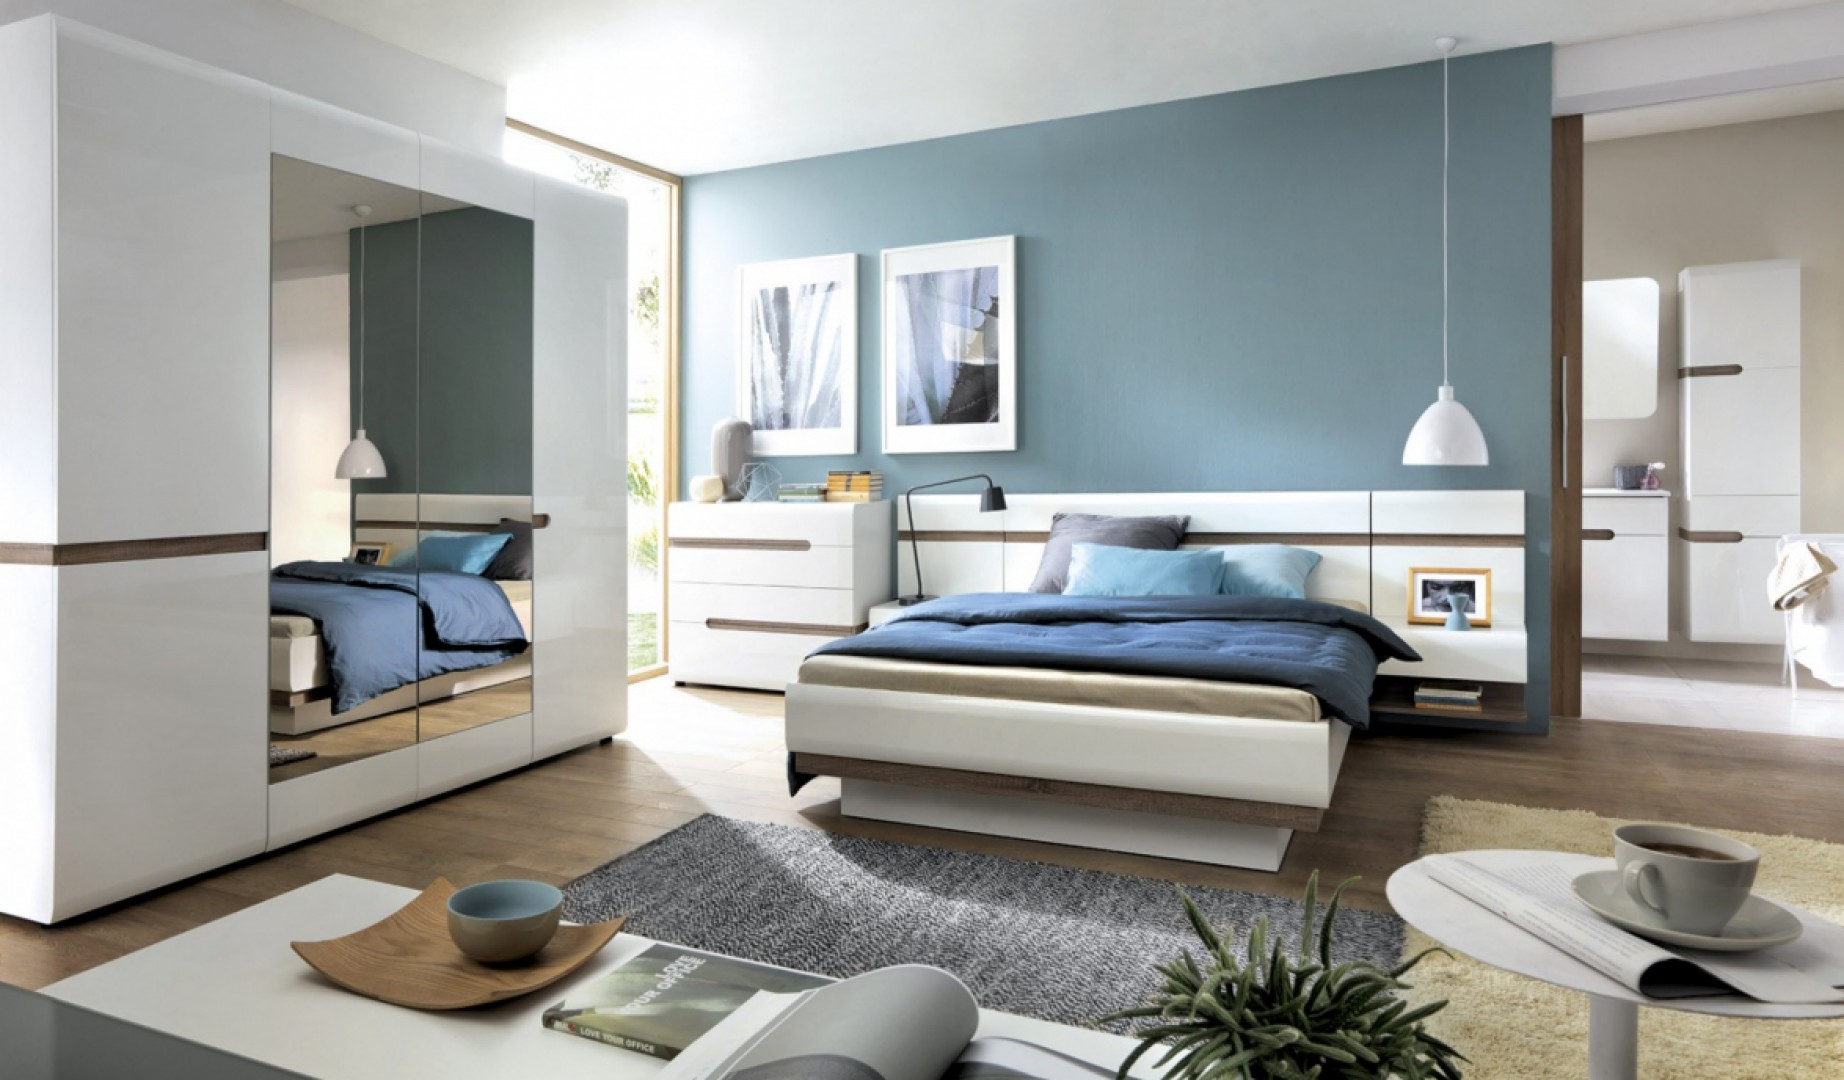 Sypialnia Linate jest nowoczesna i jasna. Duża szafa z łatwością pomieści ubrania dwóch osób, a duże łóżko zapewni wygodą przestrzeń do wypoczynku. Fot. Meble Wójcik